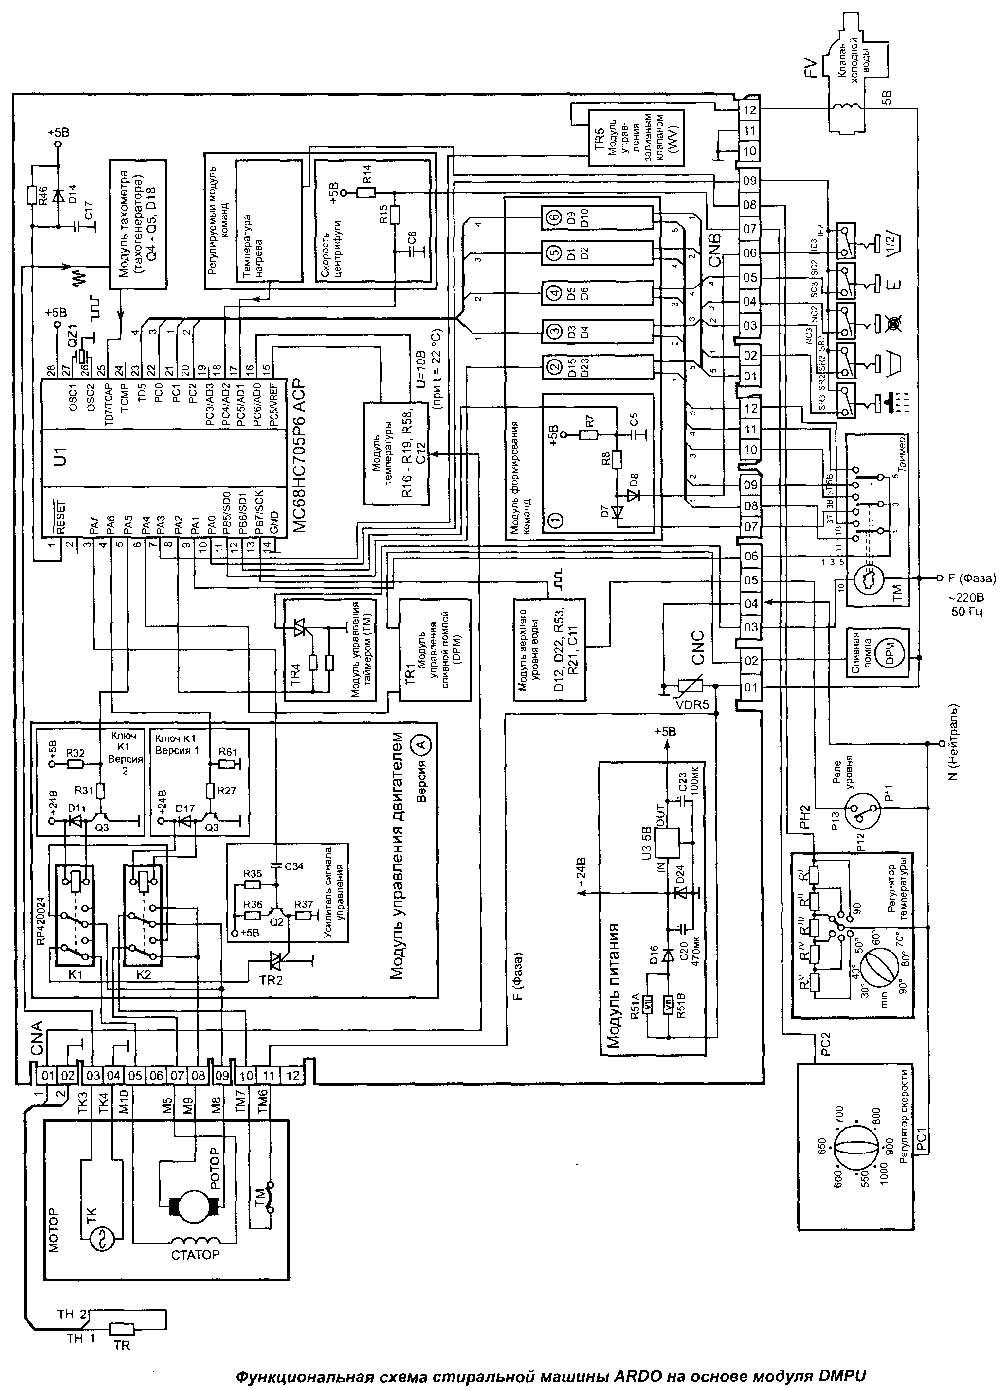 Электронная схема стиральной машины 5